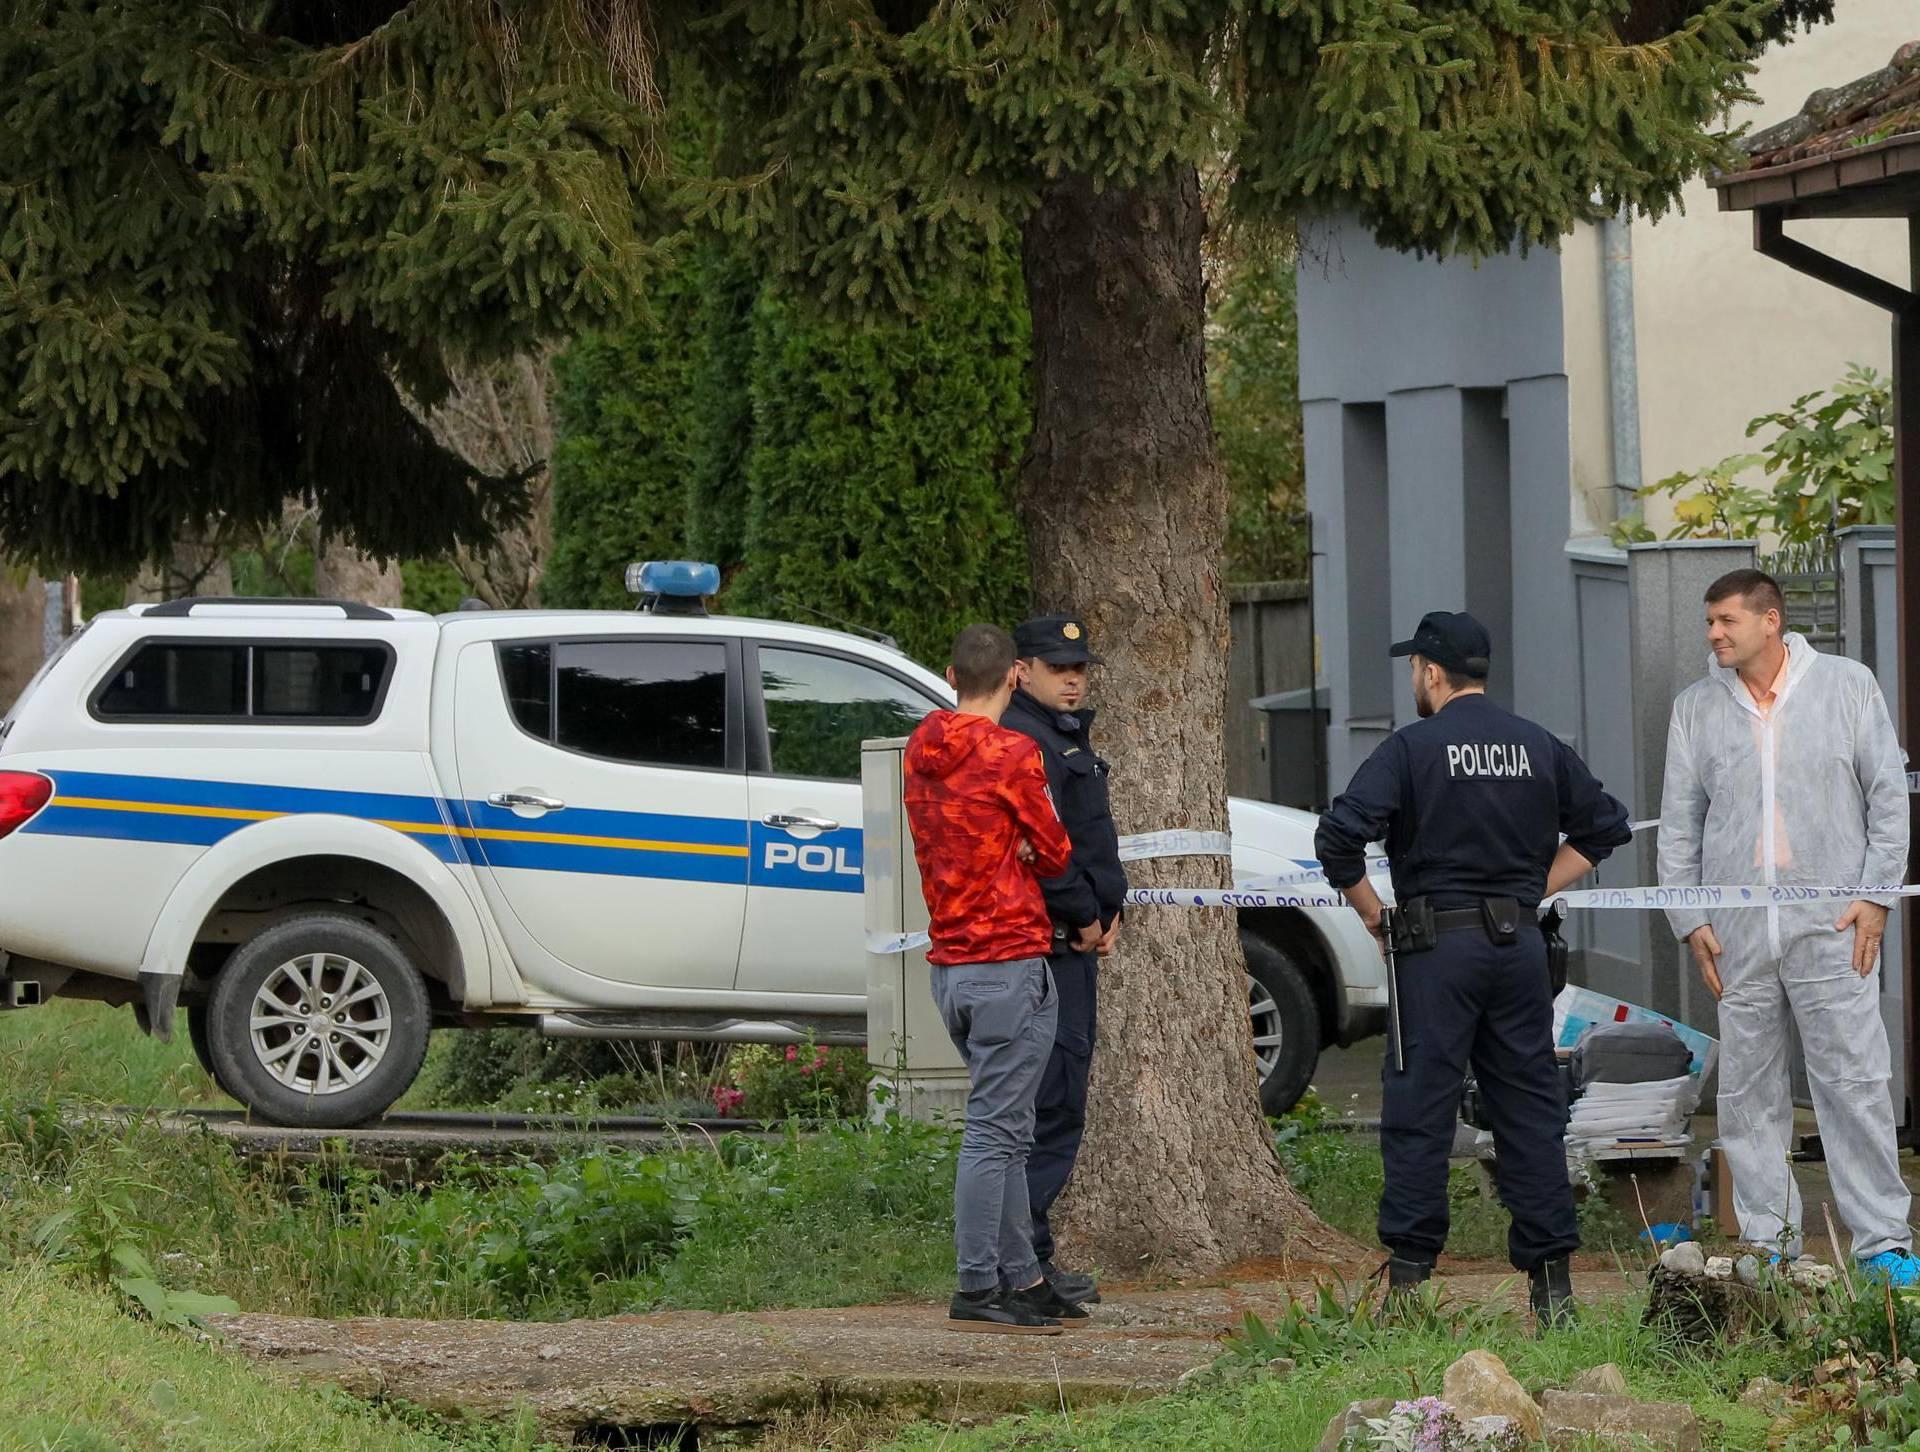 Ubojstvo kod Vukovara: Tijelo žene našli su u septičkoj jami